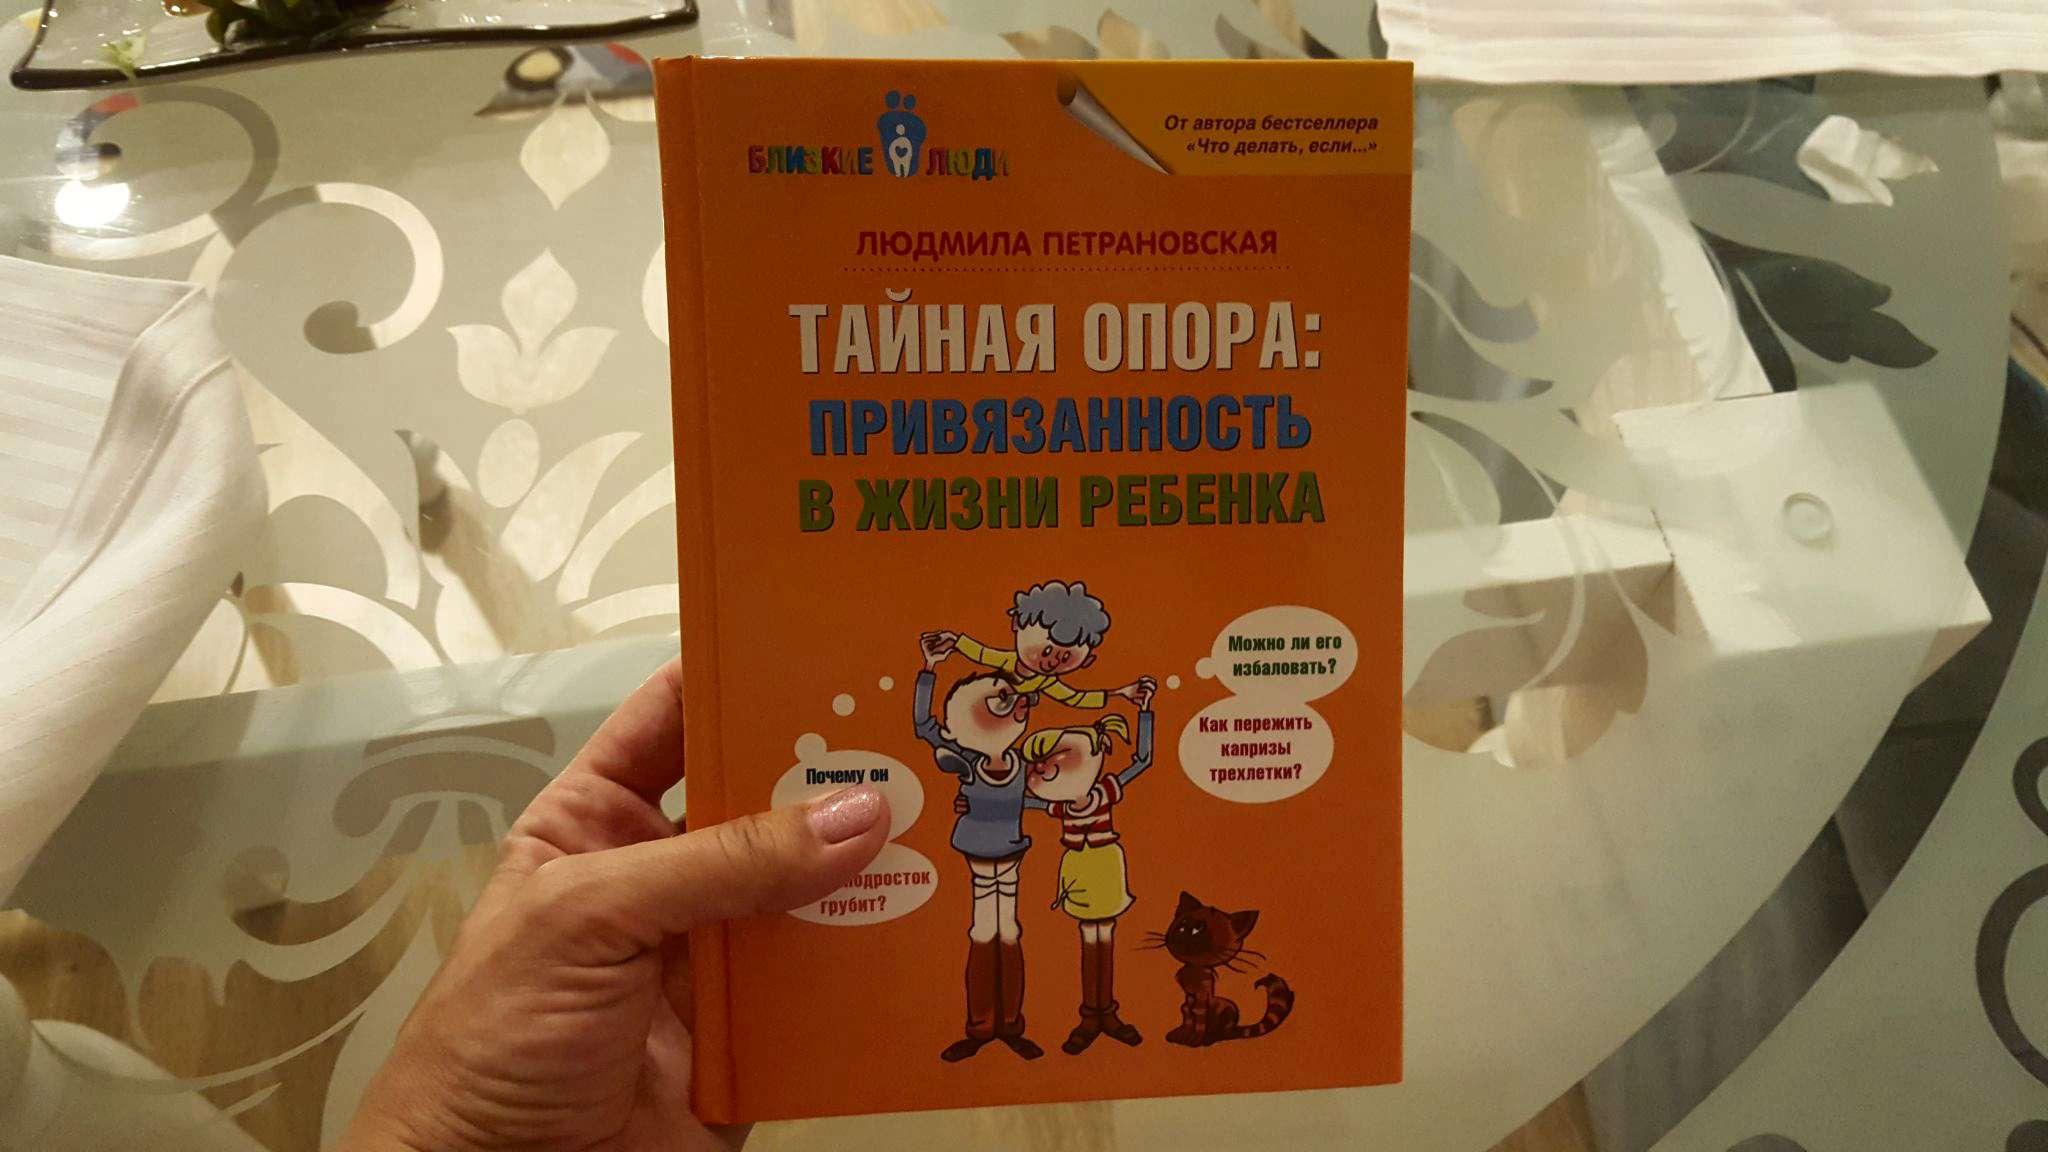 Военкомате петрановская книга тайная опора аудиокнига УФАС России рассмотрит